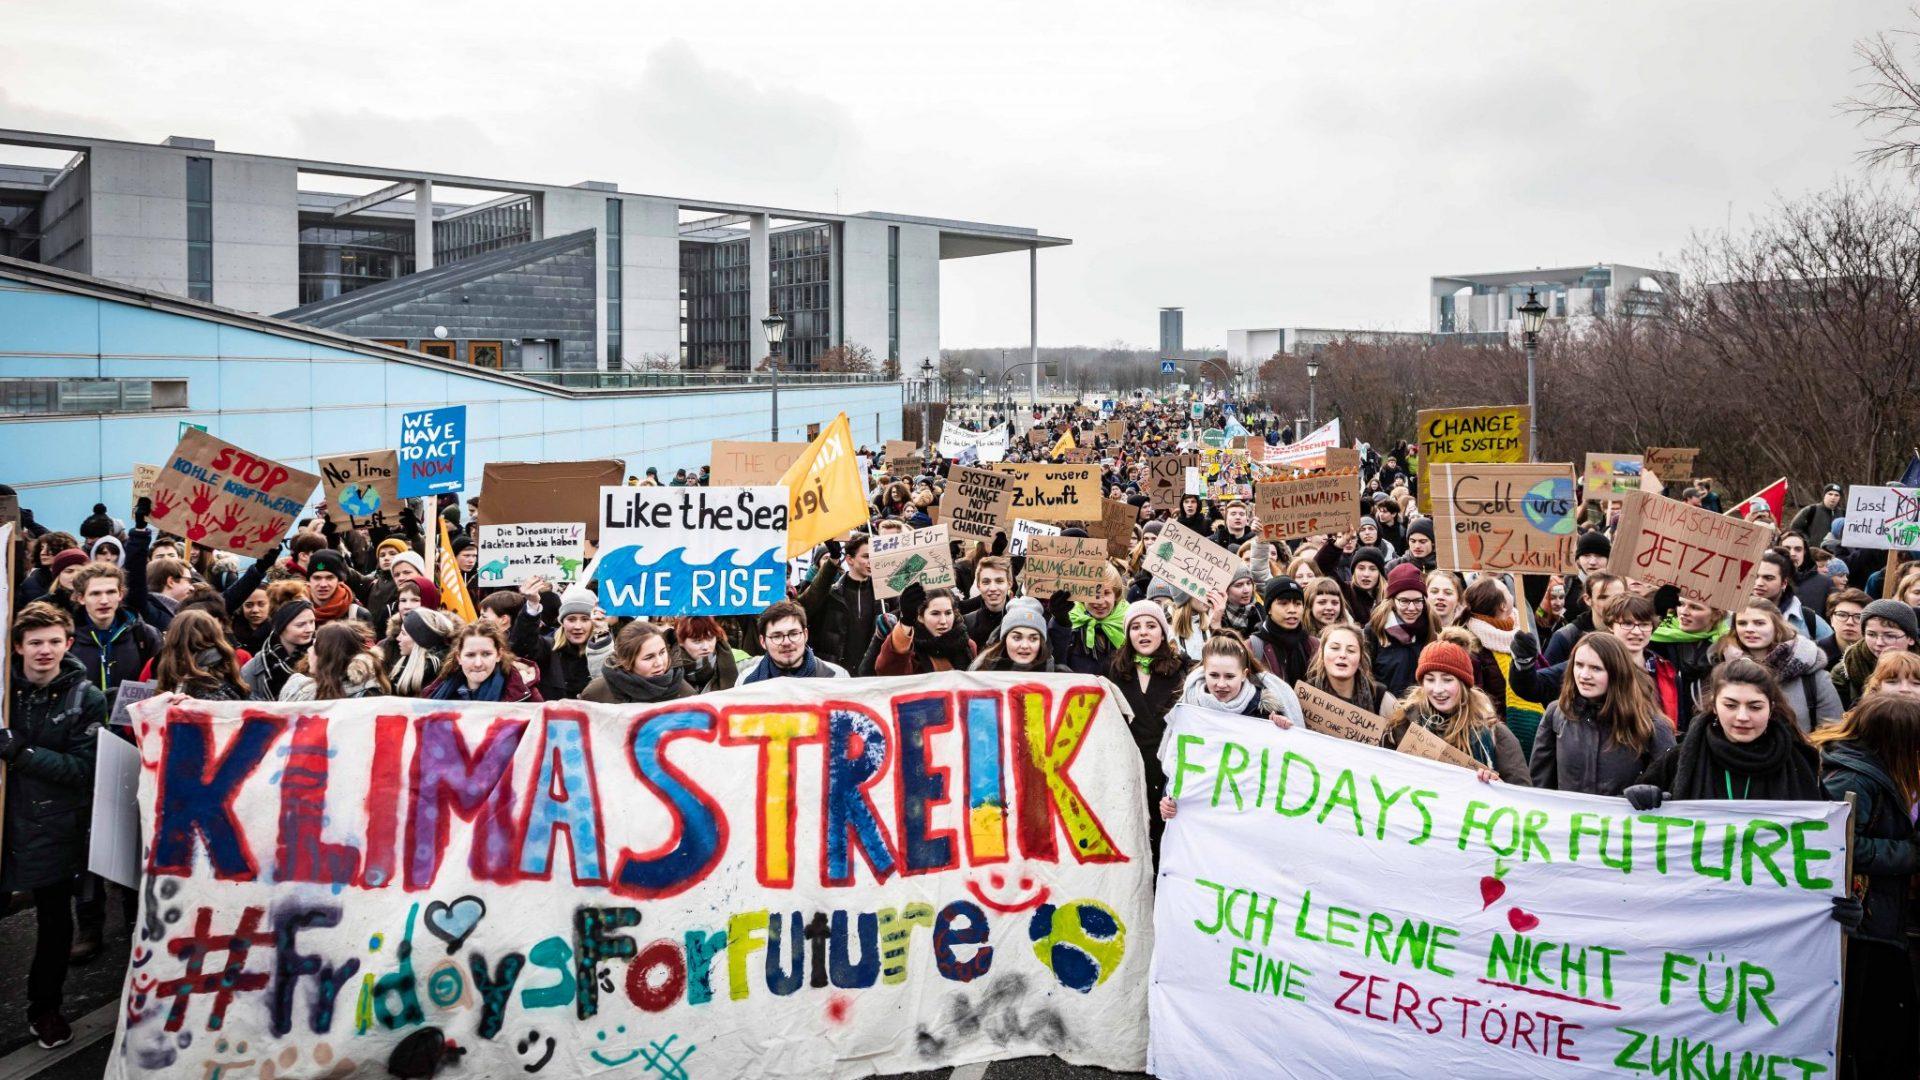 Trotz frostiger Temperaturen war die Stimmung beim Schulstreik bestens. © Jörg Farys / WWF